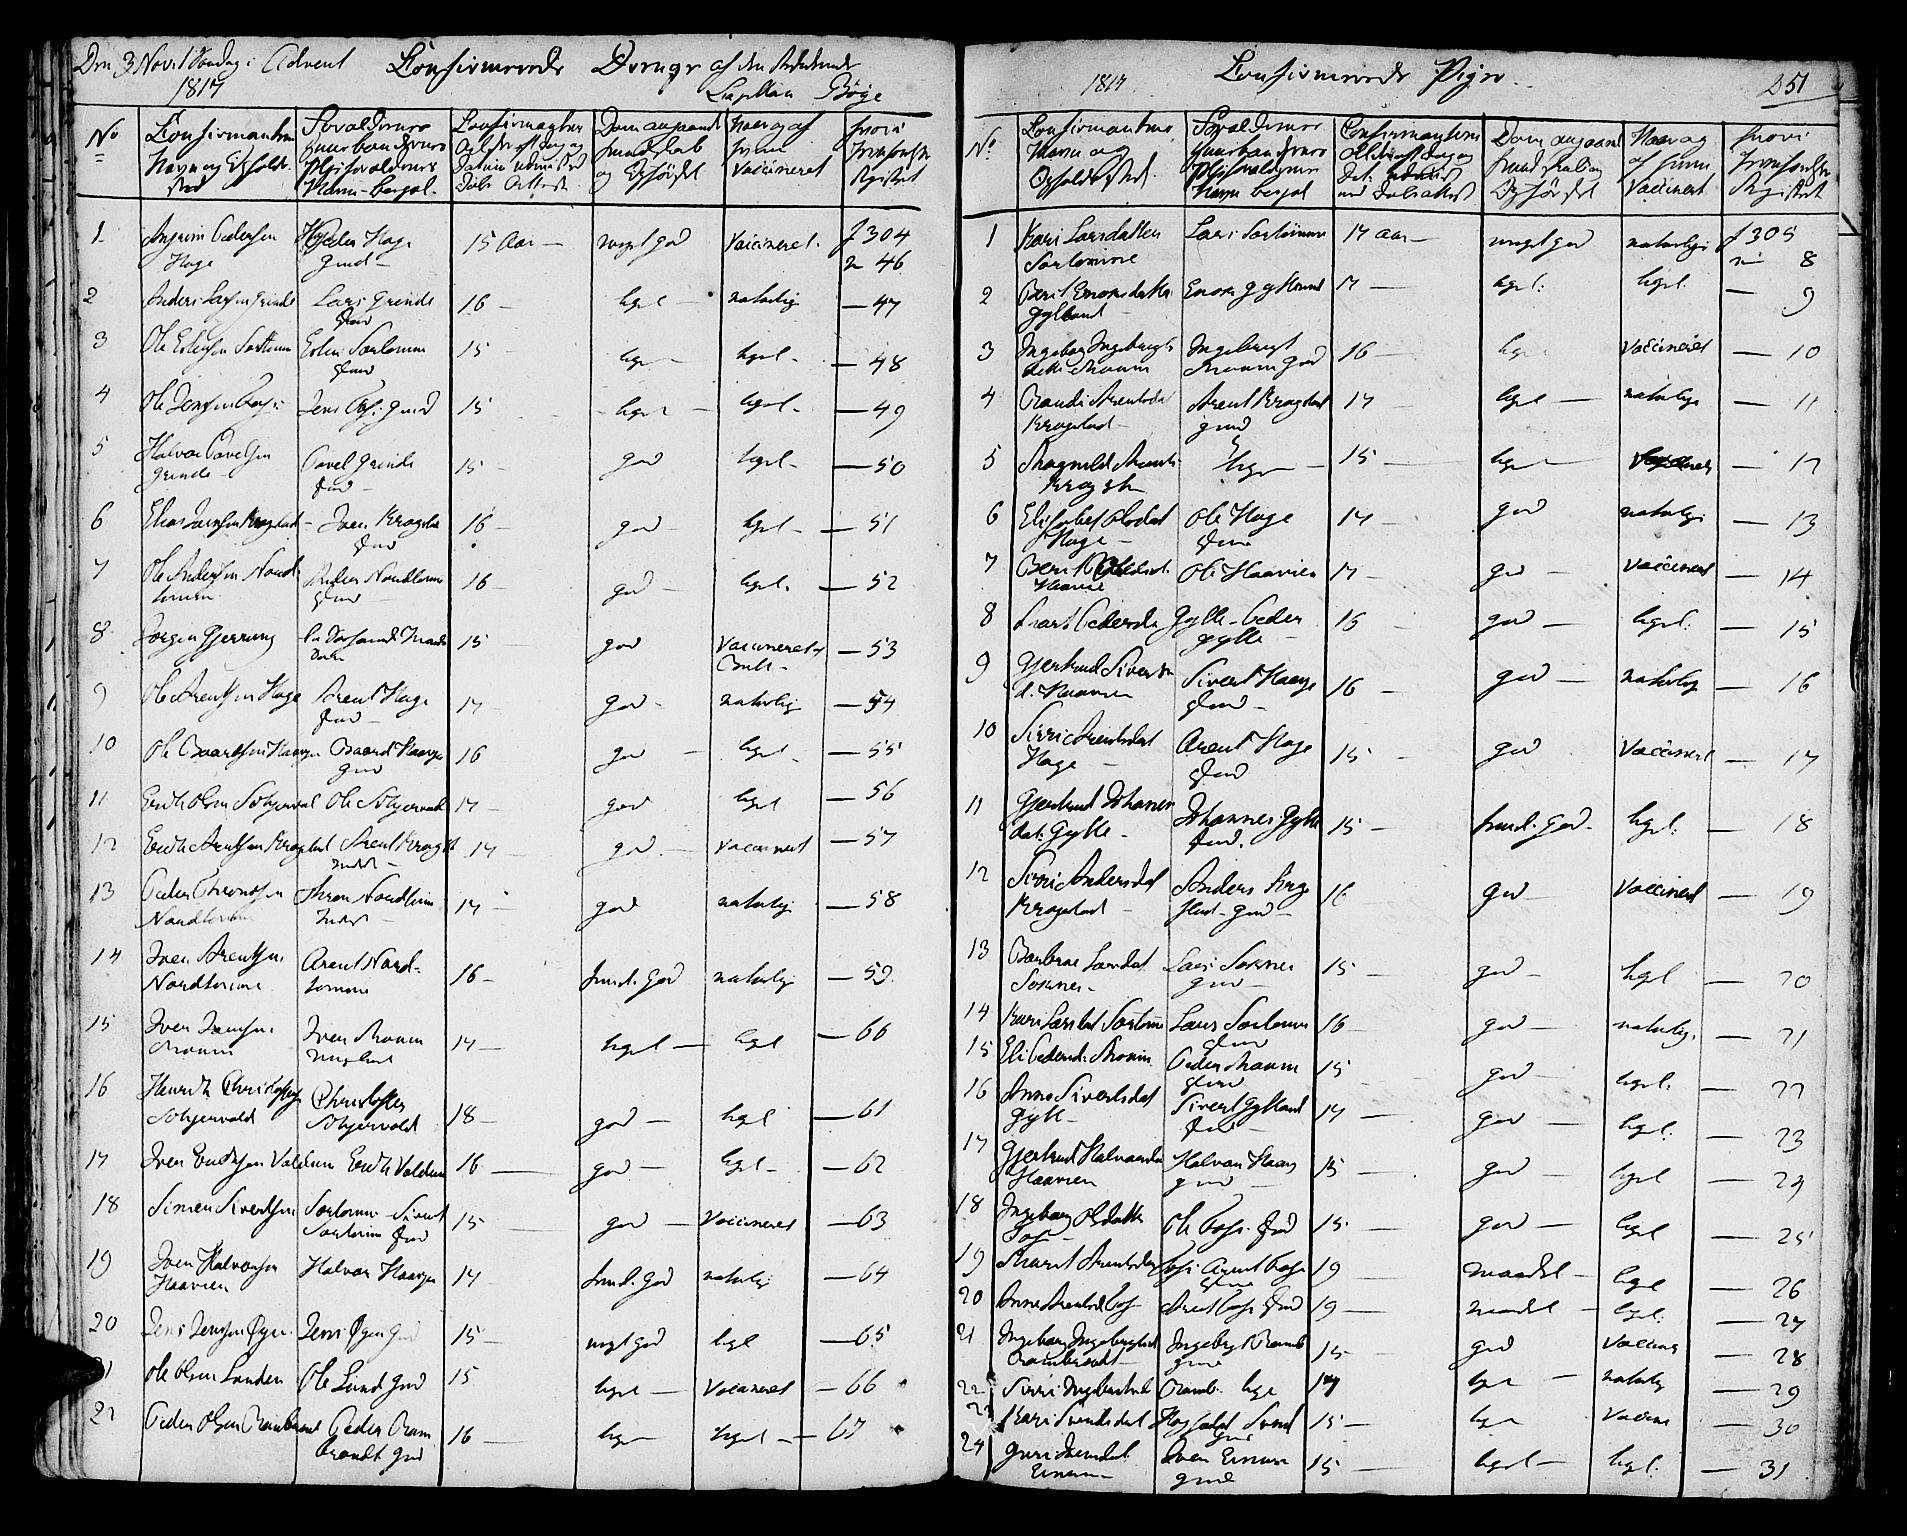 SAT, Ministerialprotokoller, klokkerbøker og fødselsregistre - Sør-Trøndelag, 692/L1108: Klokkerbok nr. 692C03, 1816-1833, s. 251